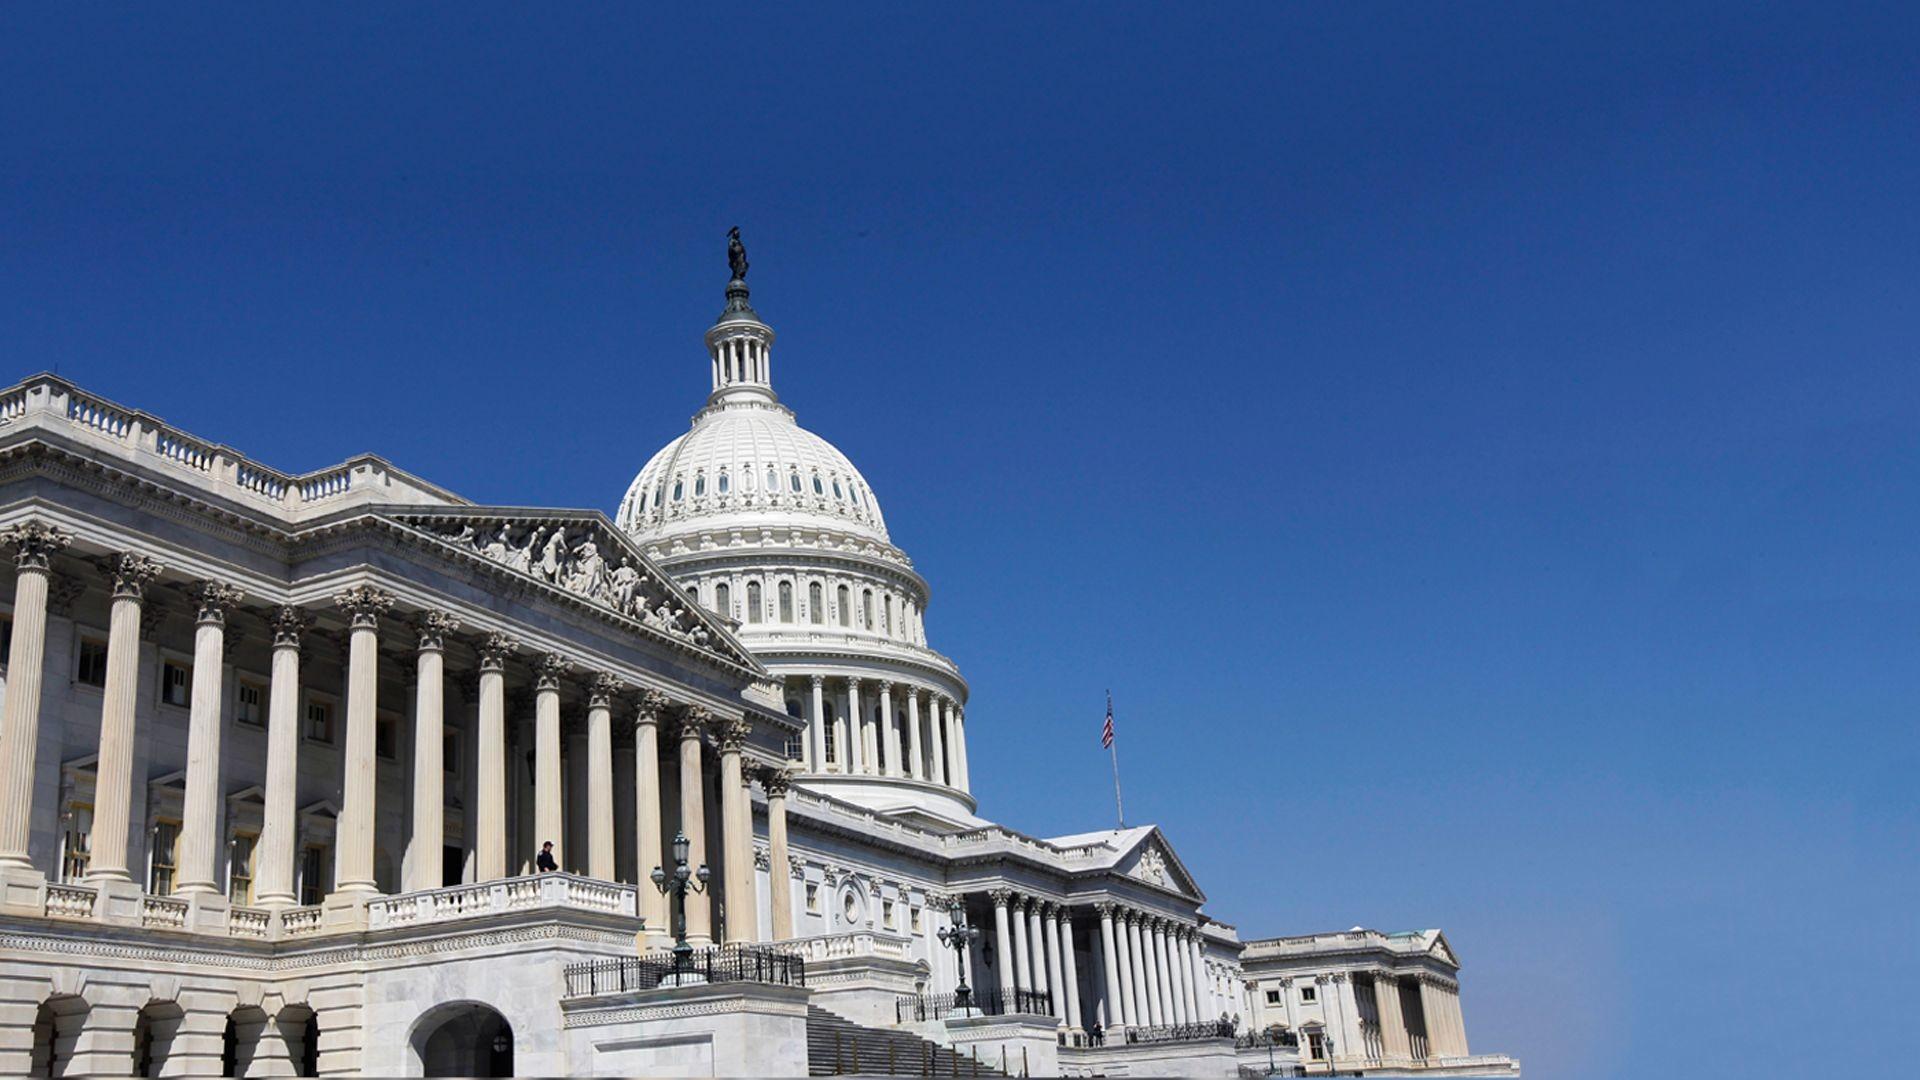 الكونغرس الأمريكي عازم على تعطيل صفقات الدين العام الروسي